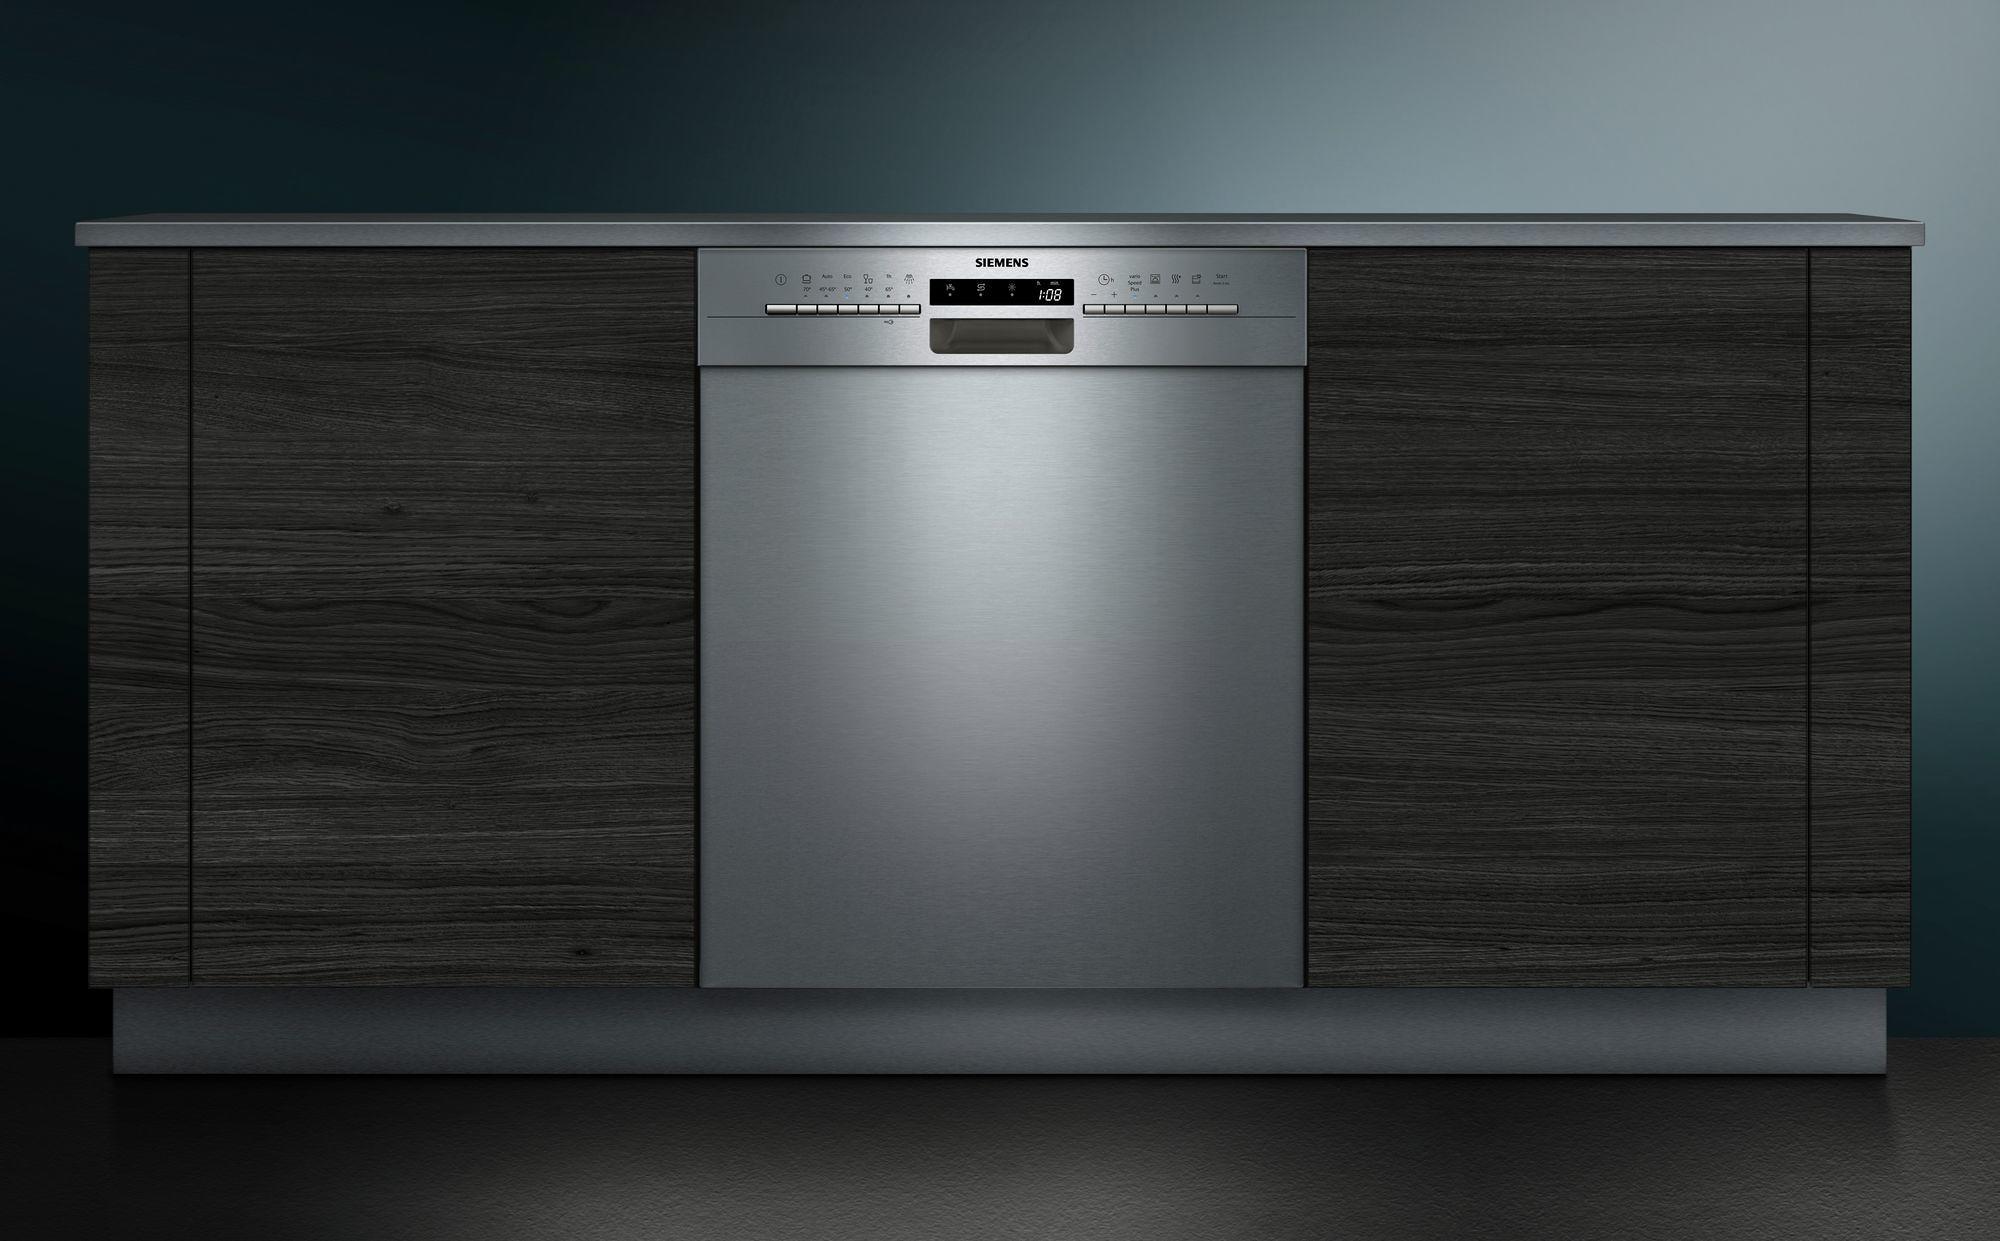 Siemens Kühlschrank Silber : Siemens sn s ge a unterbau geschirrspüler edelstahl cm